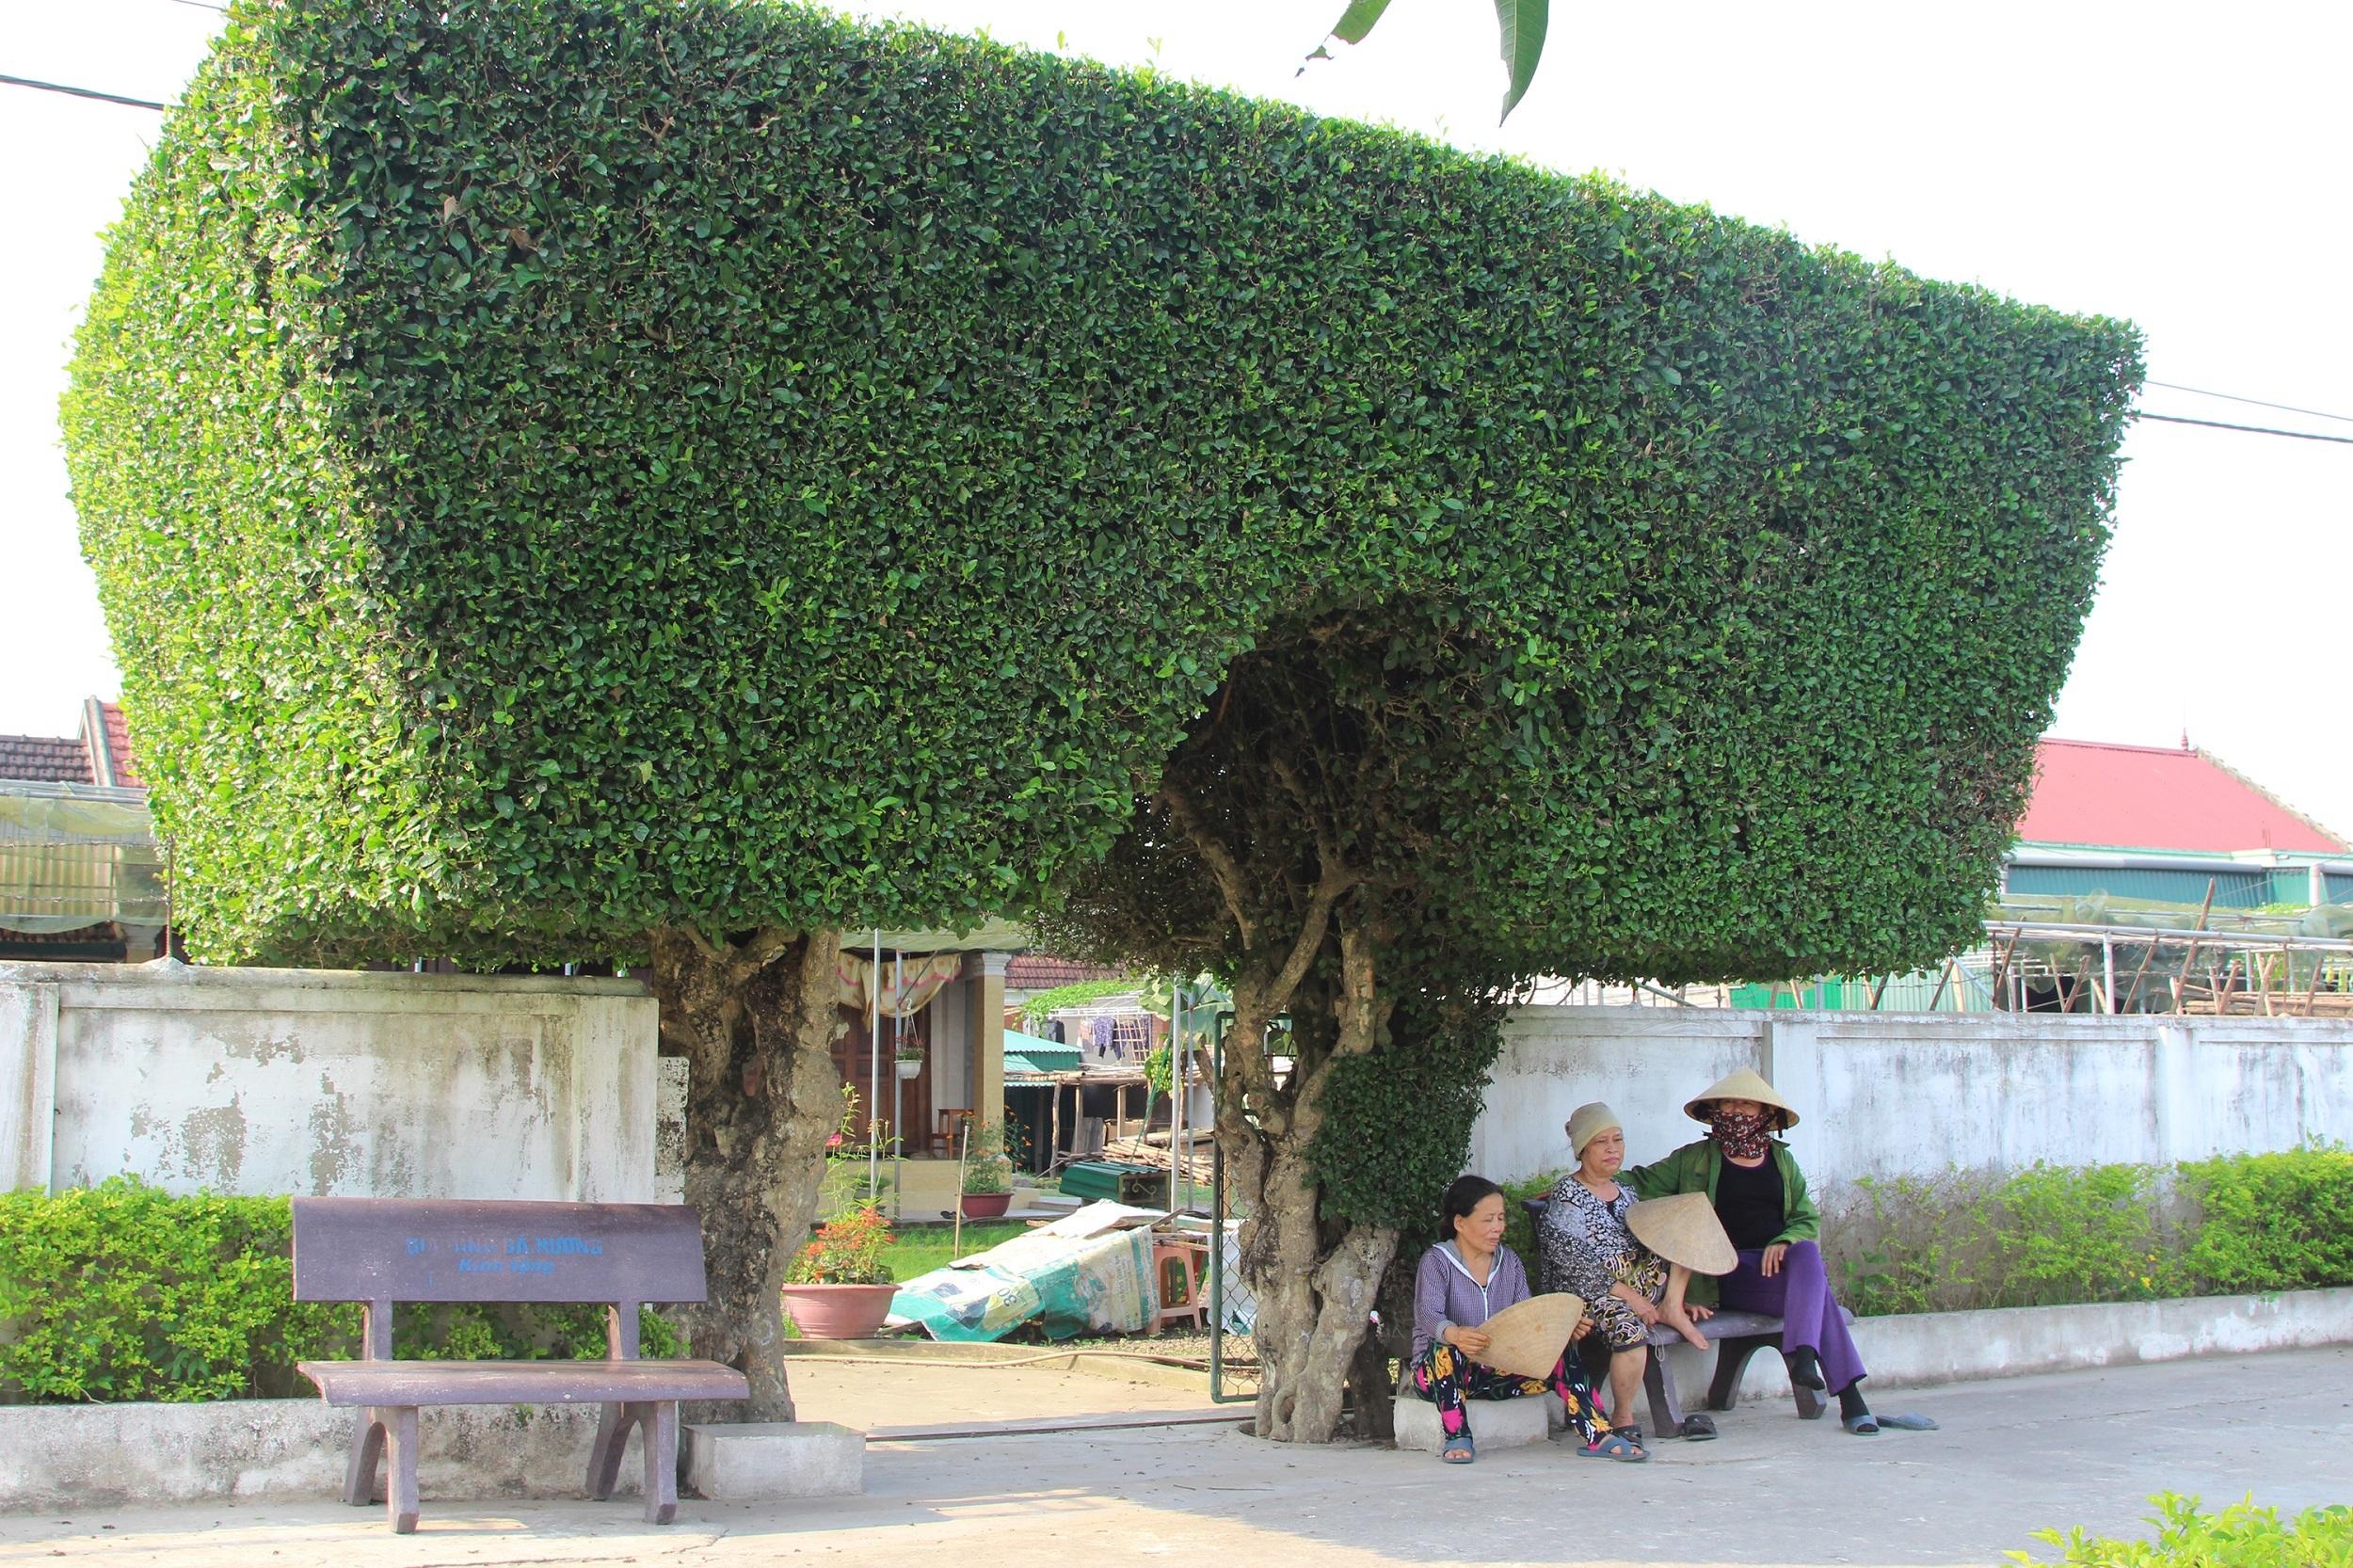 Ông Mai Xuân Tam (74 tuổi) chủ cổng nhà nói trên cho biết: Cả xóm Châu Nội đã có 7 cổng nhà được làm từ cây xanh. Riêng cổng nhà ông đã có lịch sử 130 năm tuổi và đã trải qua 5 thế hệ